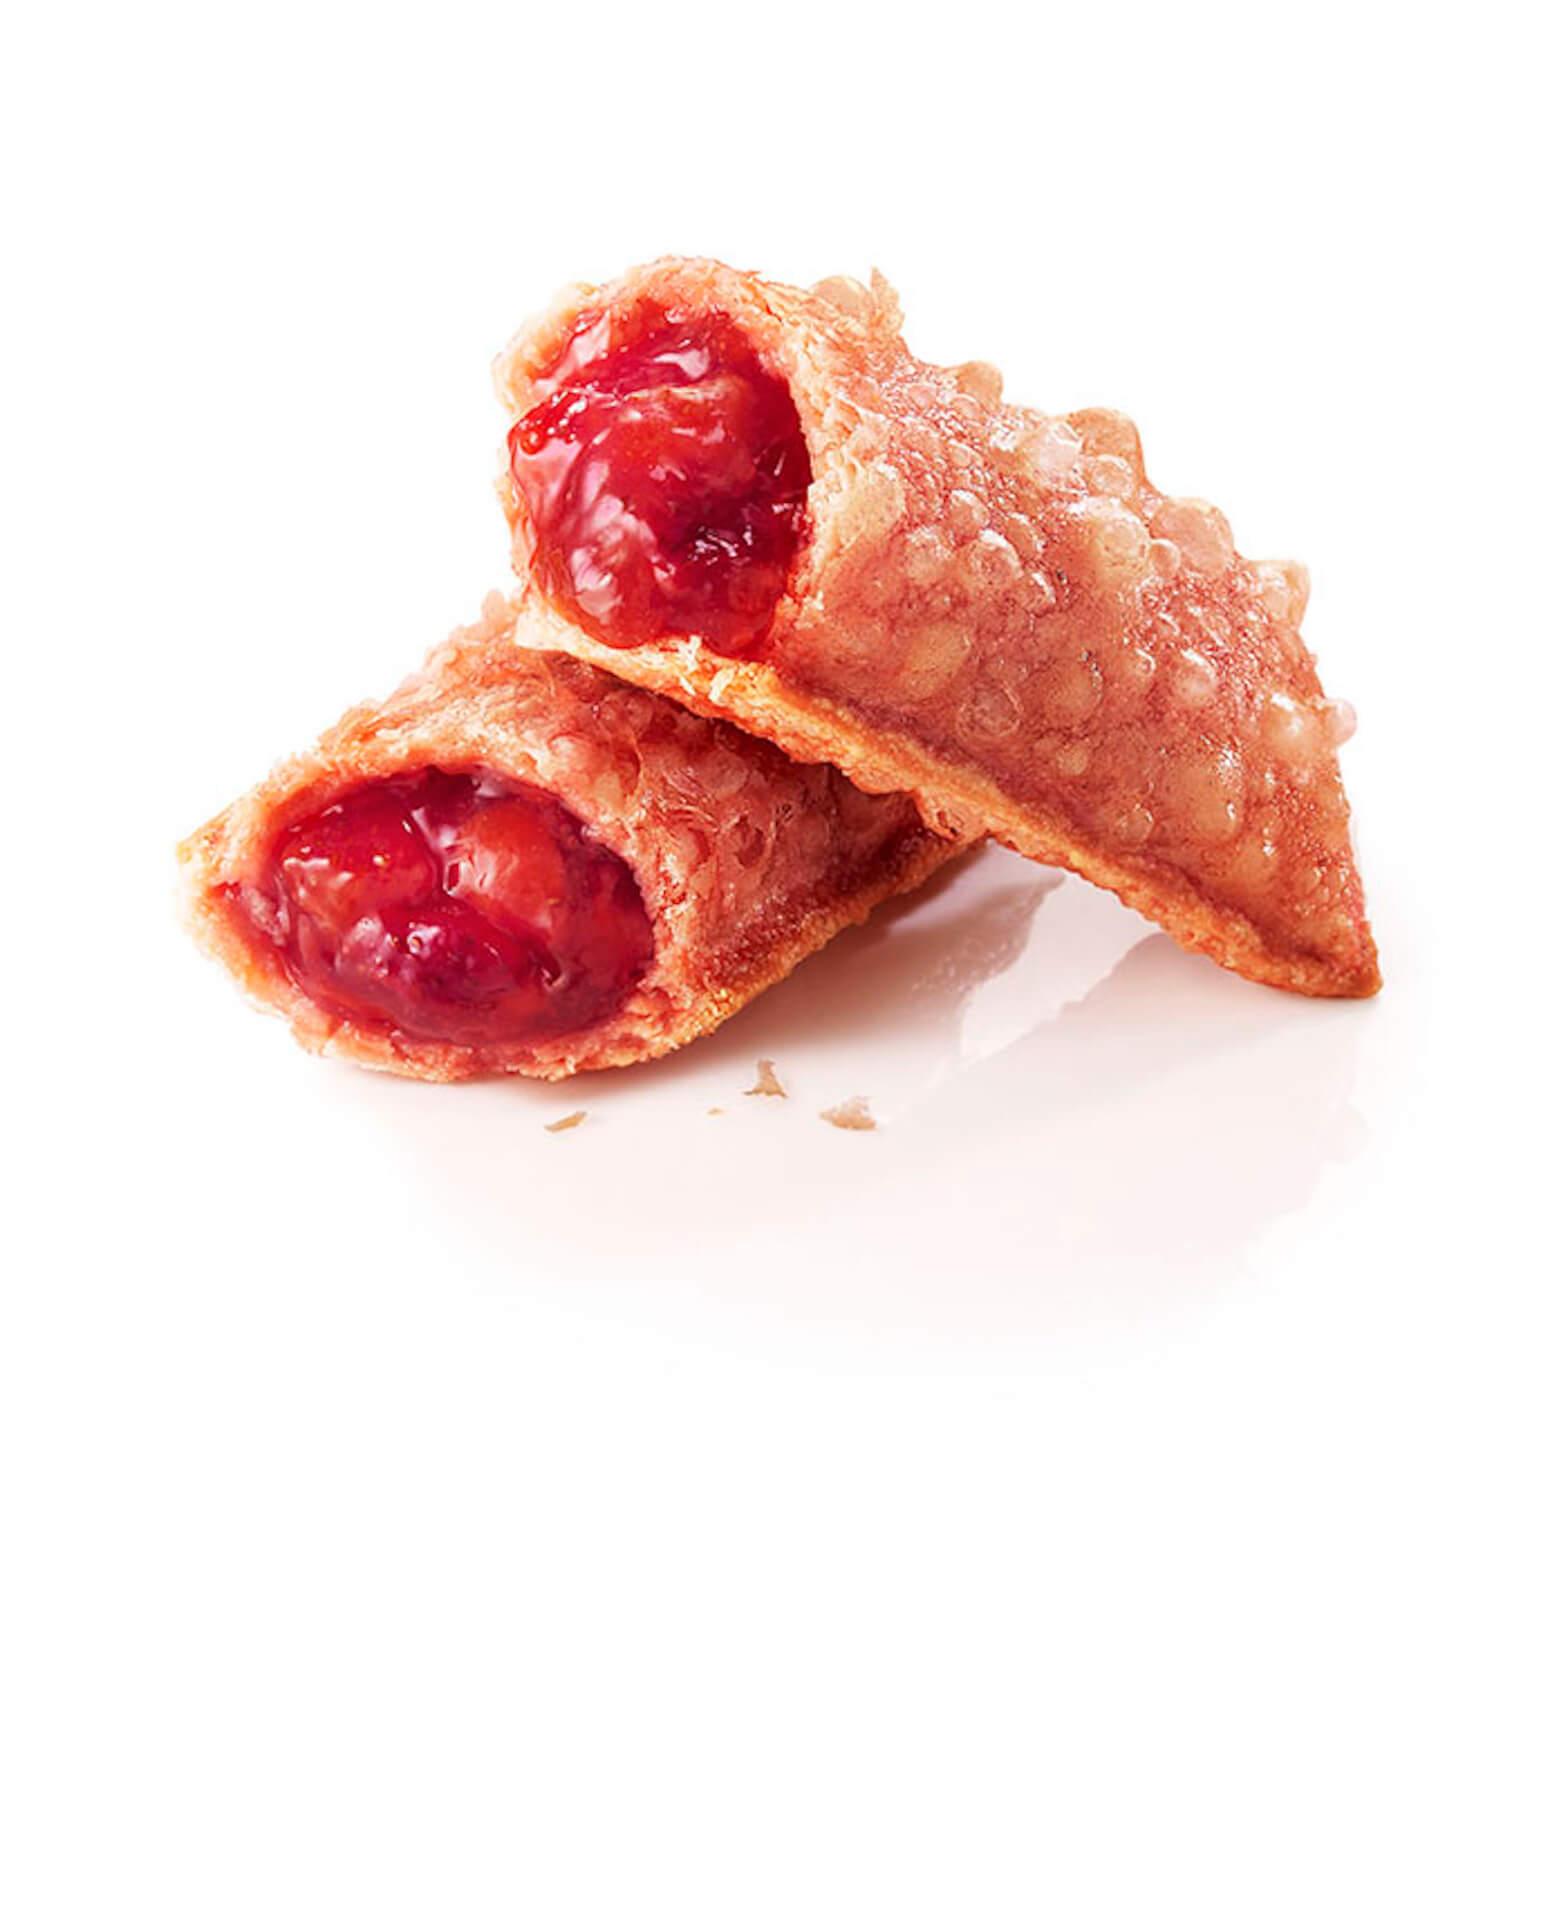 """マクドナルドから""""冒険""""の新商品ホットストロベリーパイが期間限定で登場!""""安定""""のホットアップルパイとどちらを選ぶ? gourmet200227_mcdonald_pie_2"""